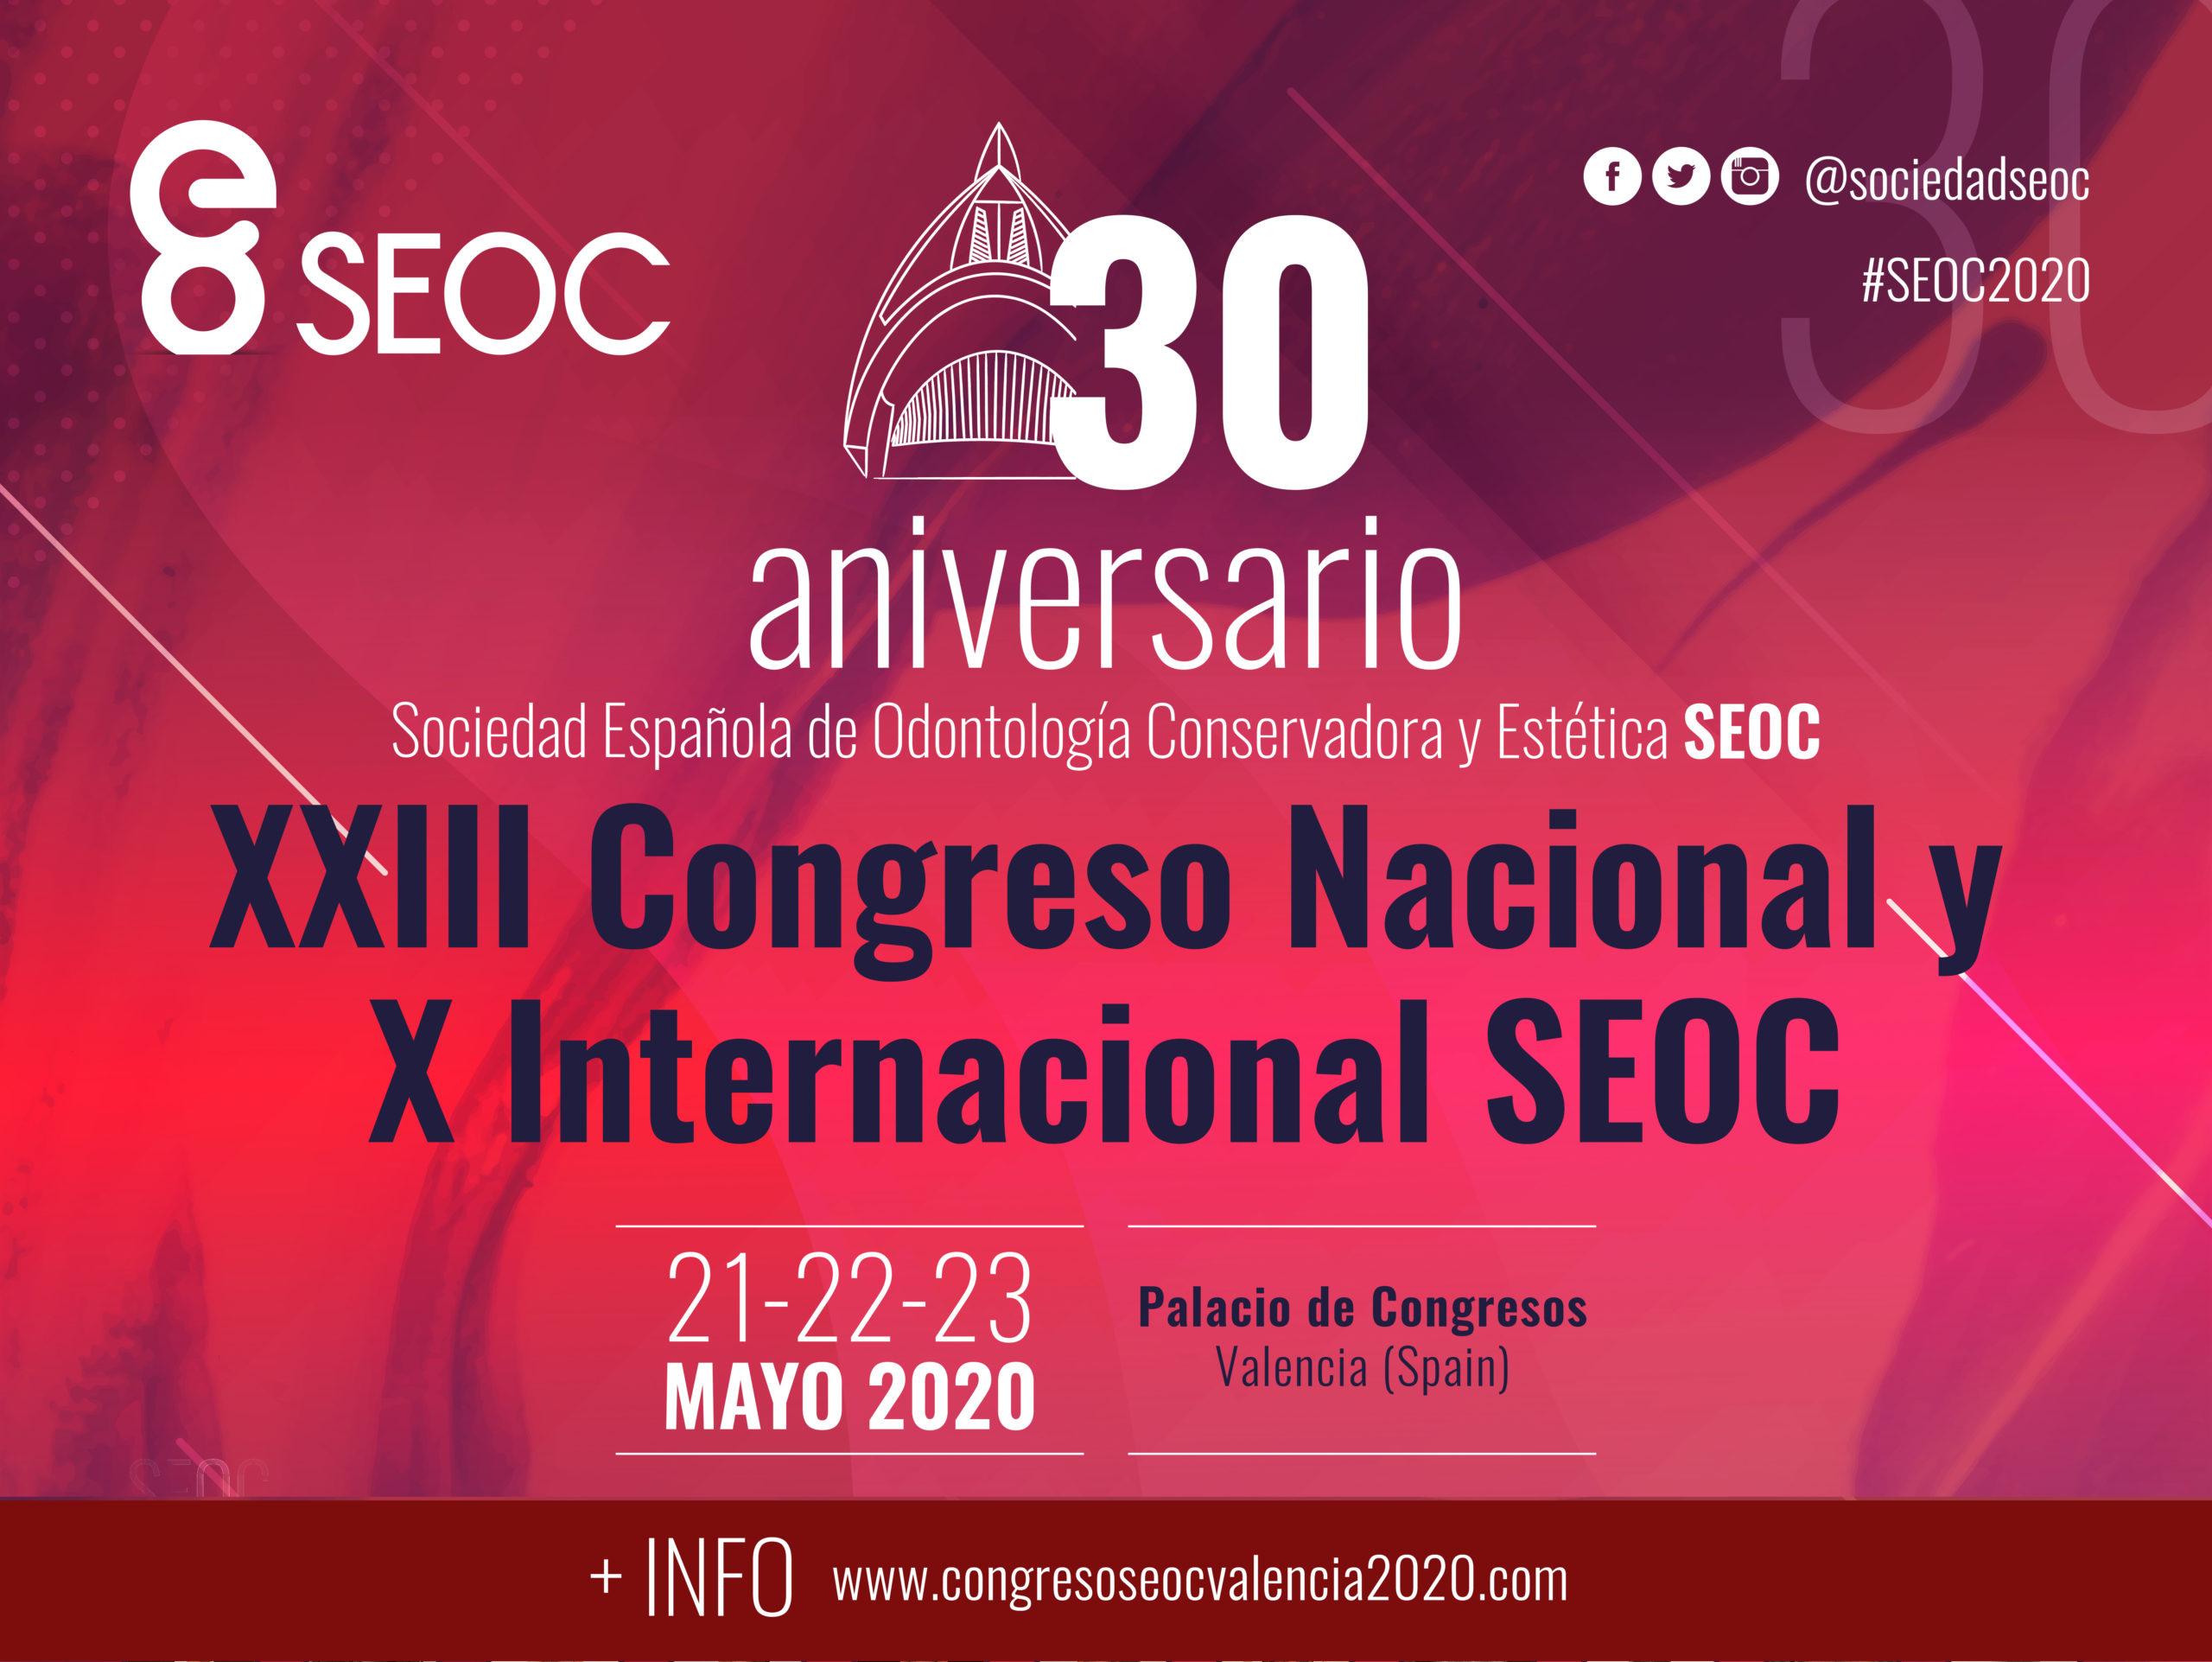 XXIII Congreso Nacional de la Sociedad Española de Odontología Conservadora